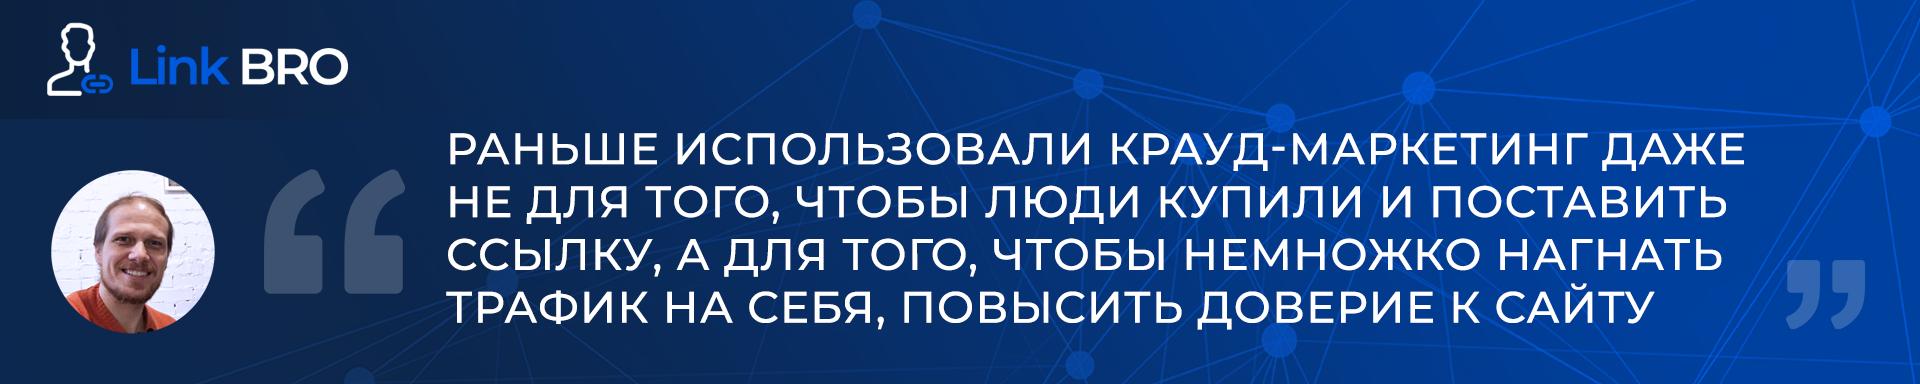 Сергей Кокшаров: Раньше использовали крауд-маркетинг даже не для того, чтобы люди купили и поставить ссылку, а для того, чтобы немного нагнать трафик на себя, повысить доверие к сайту